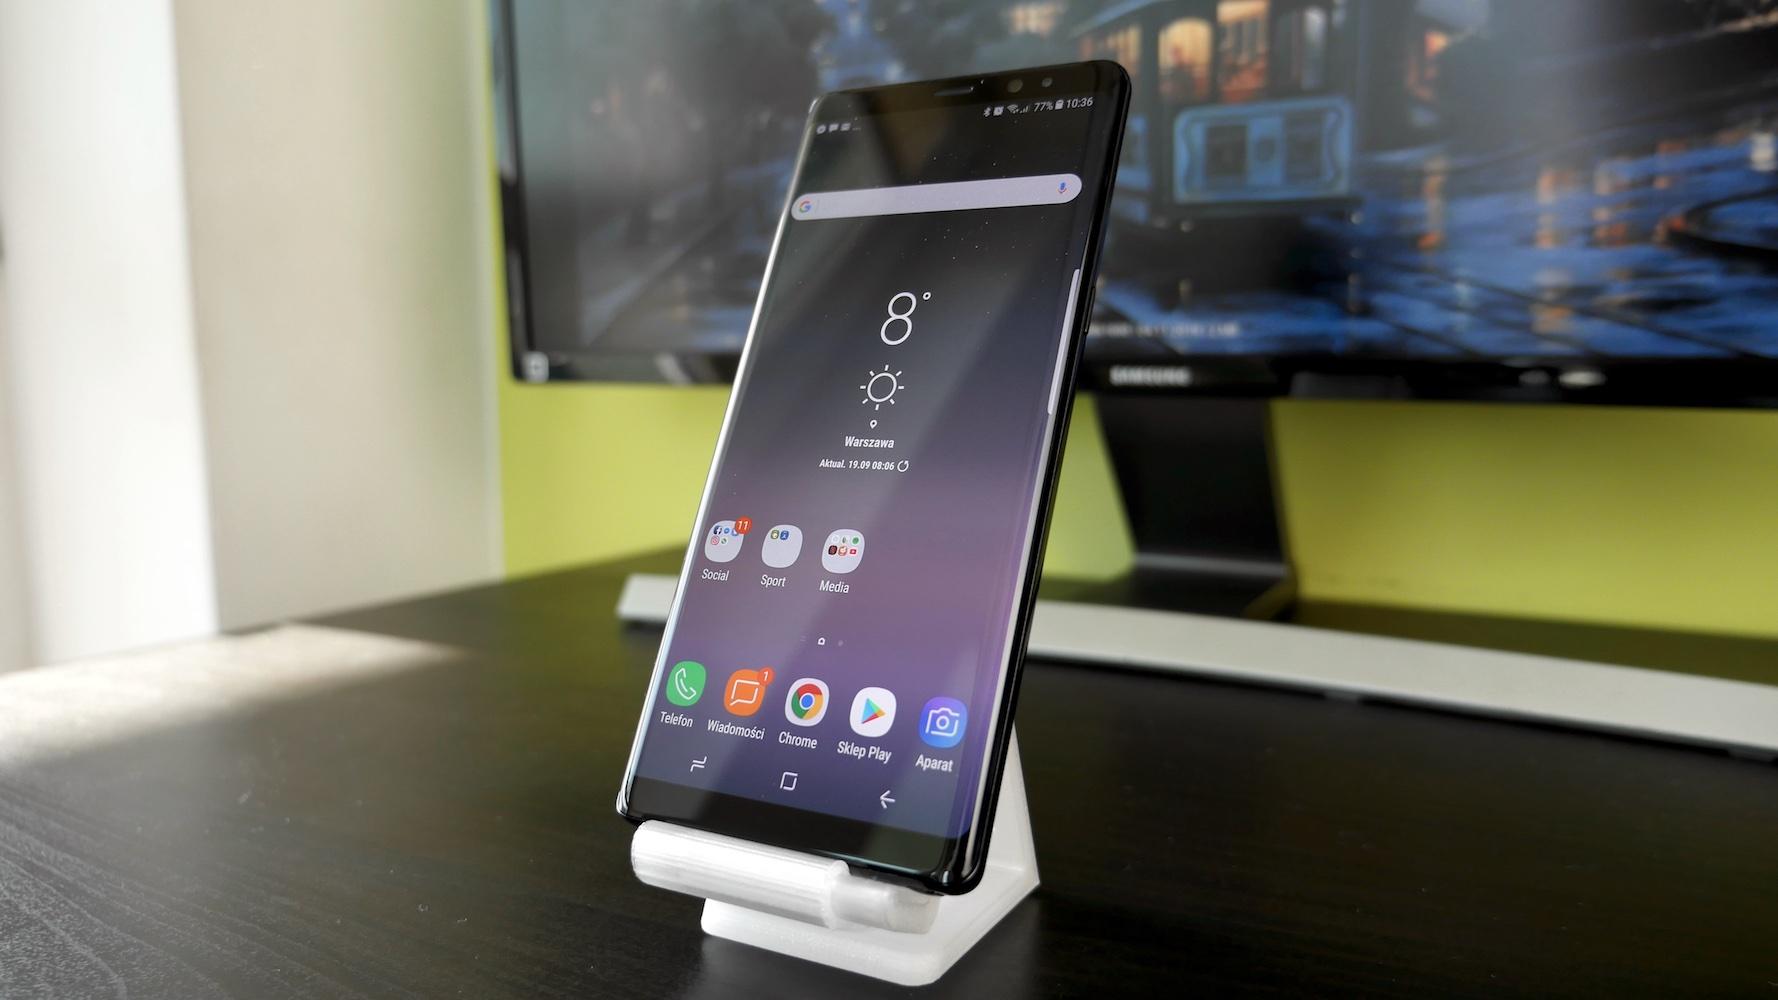 Samsung Galaxy Note 8 - stojący na podstawce